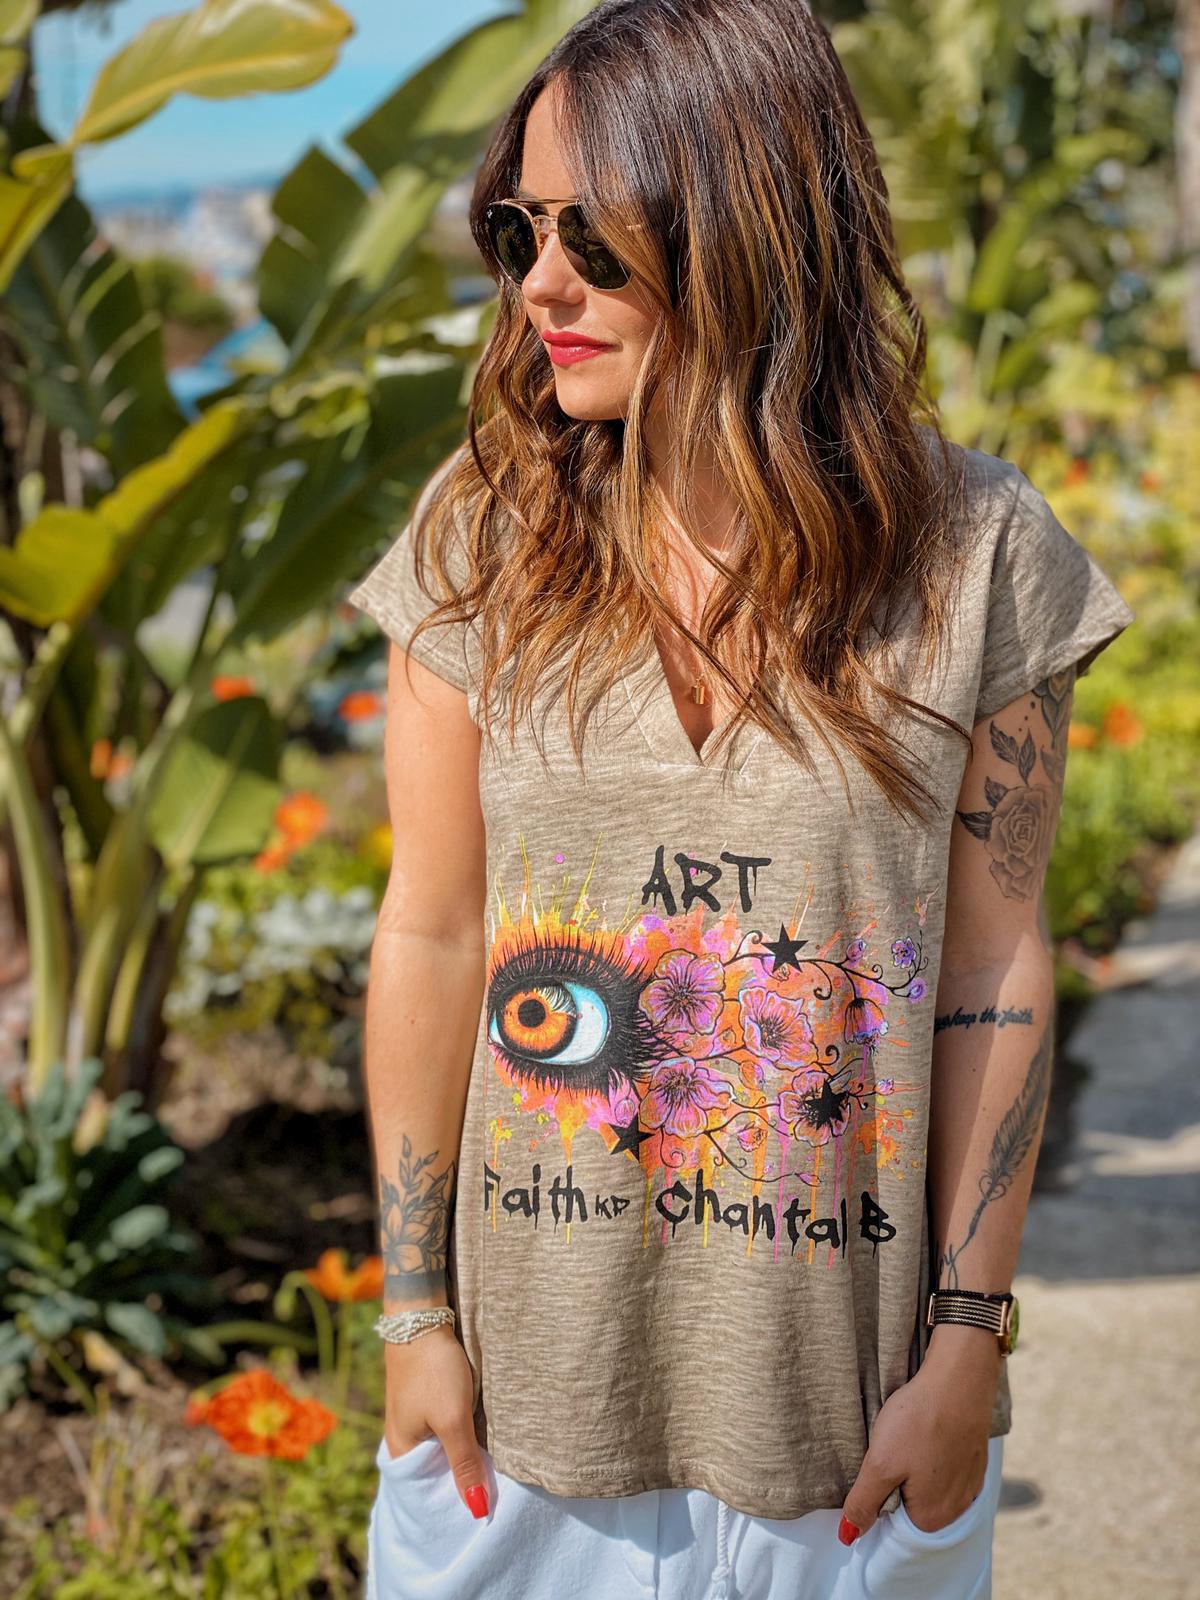 T-shirt FAITH taupe Chantal B